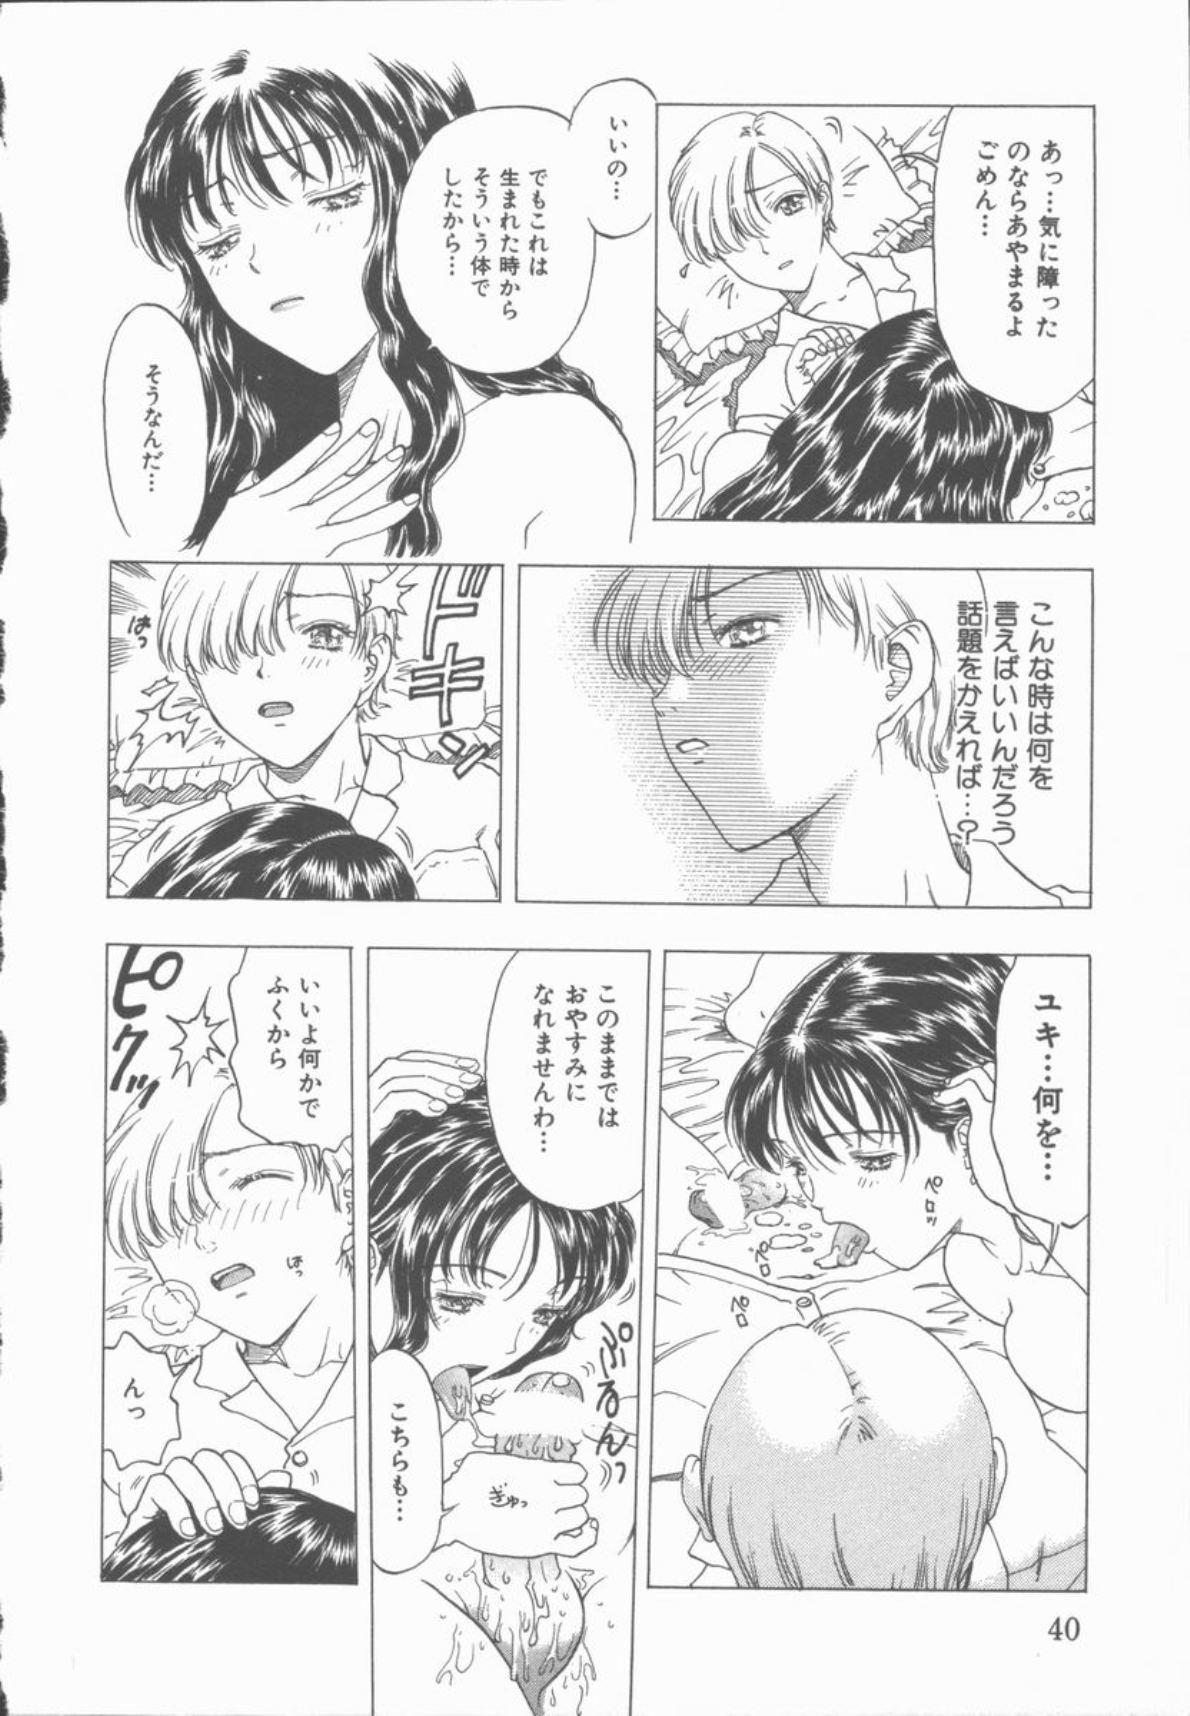 Inma no Sumu Yakata 40